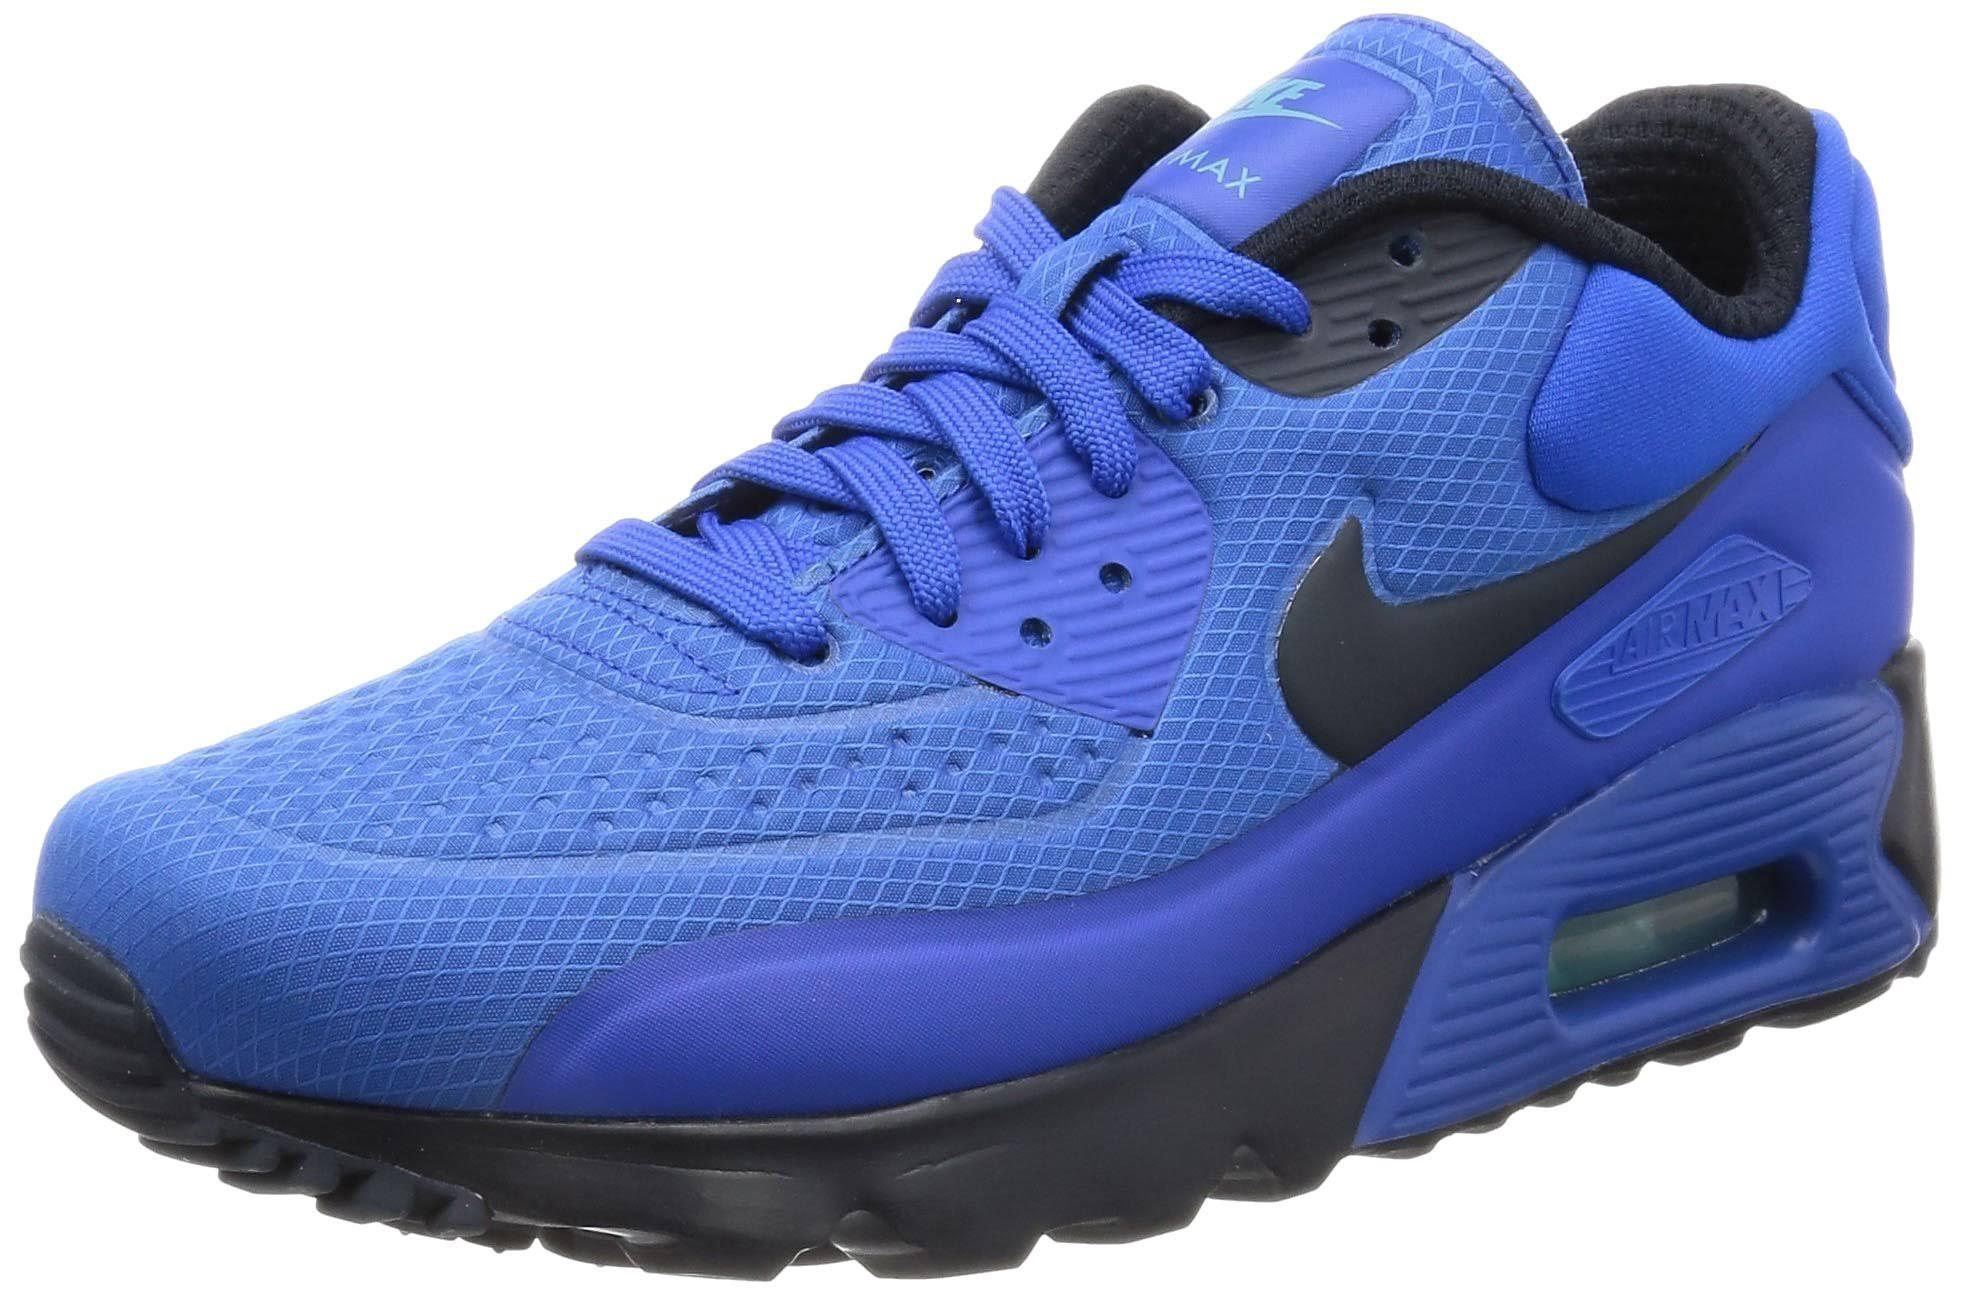 0 Cobalt' Nike Oscura 'hyper Deporte Para Hombre Zapatillas De Ultra Air Obsidiana Tamaño 90 10 Max Hipercobalto pWqO4g